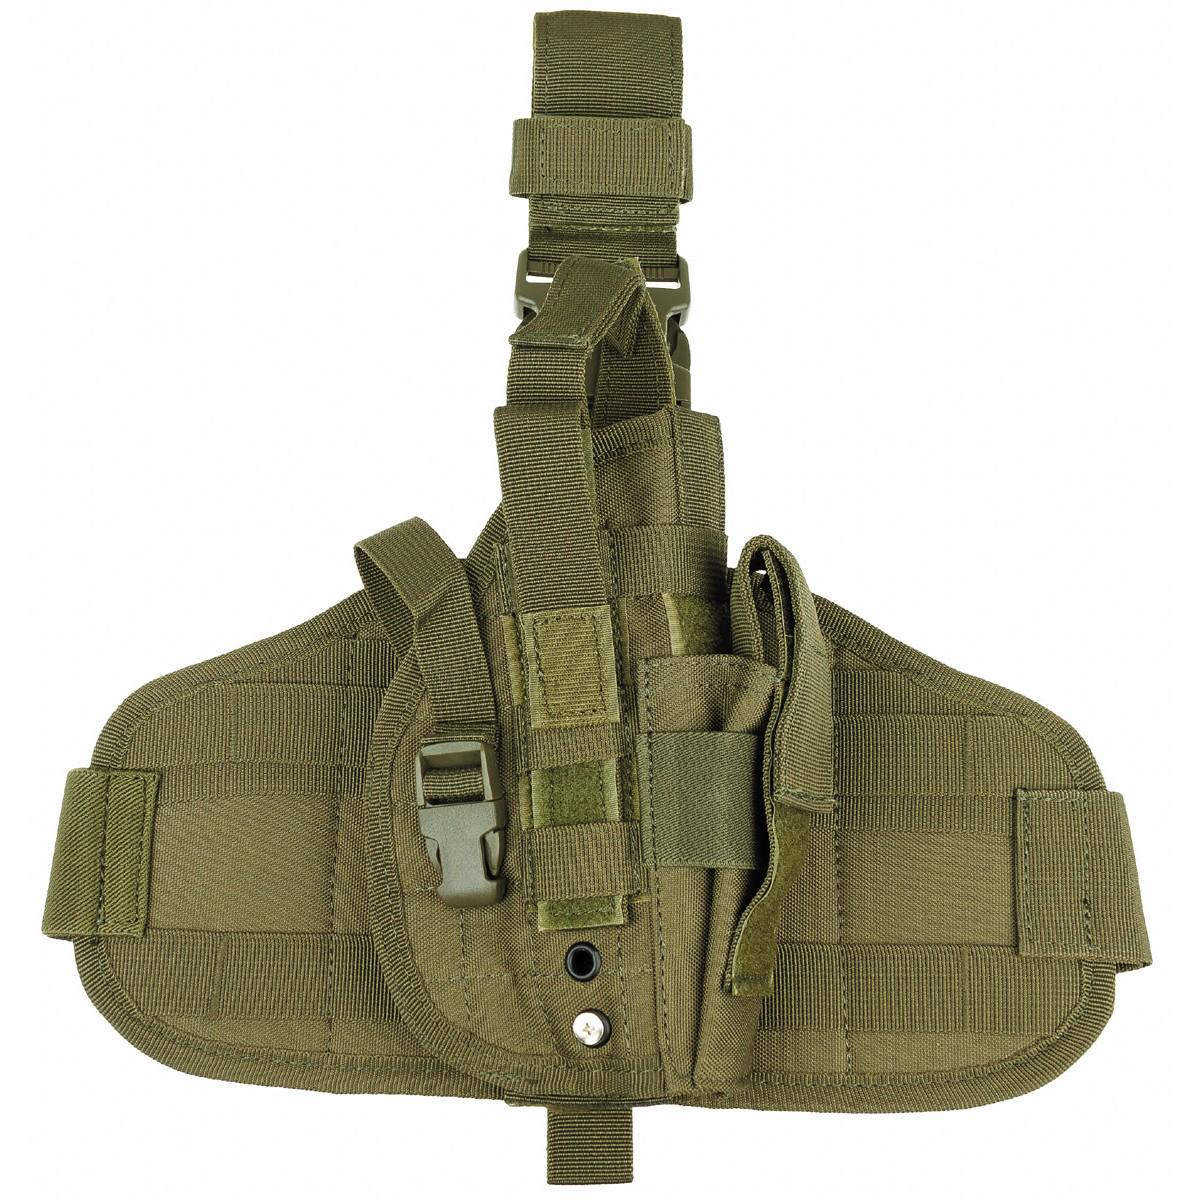 Taktički holster oko struka i butine molle desni OD